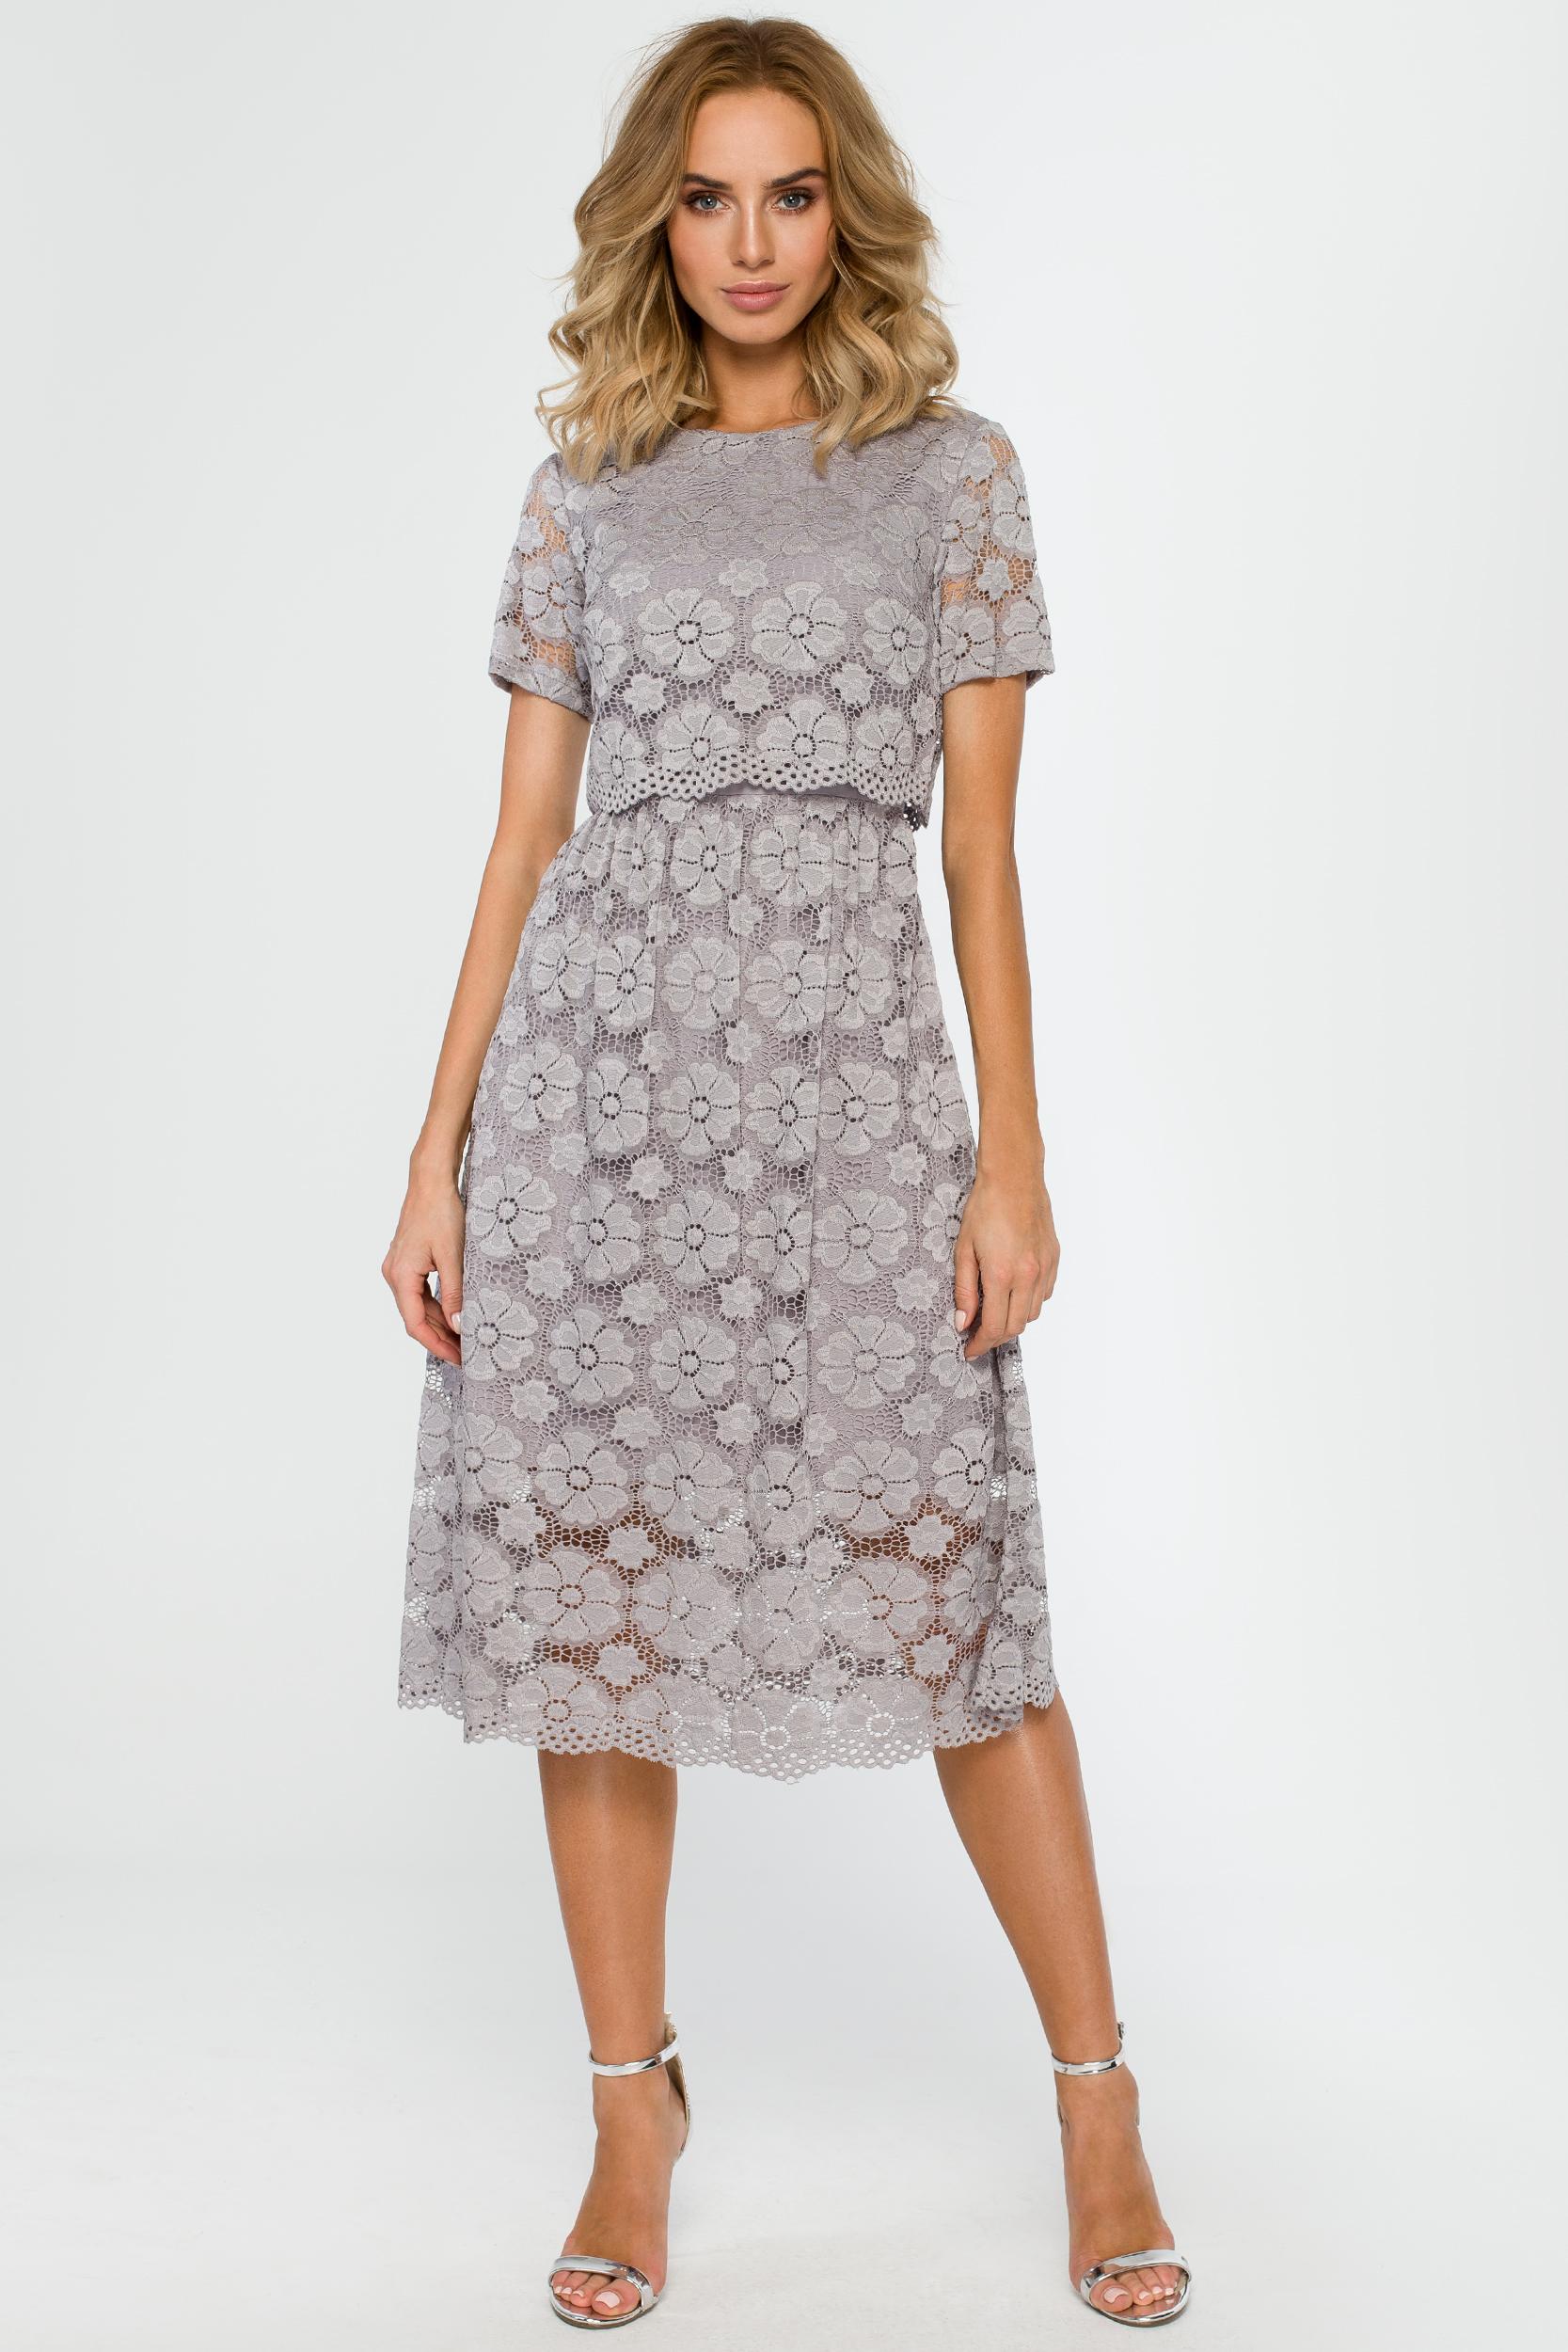 5a41ef17253e80 Koronkowa elegancka sukienka midi szara - wysyłka już od 5,99 zł